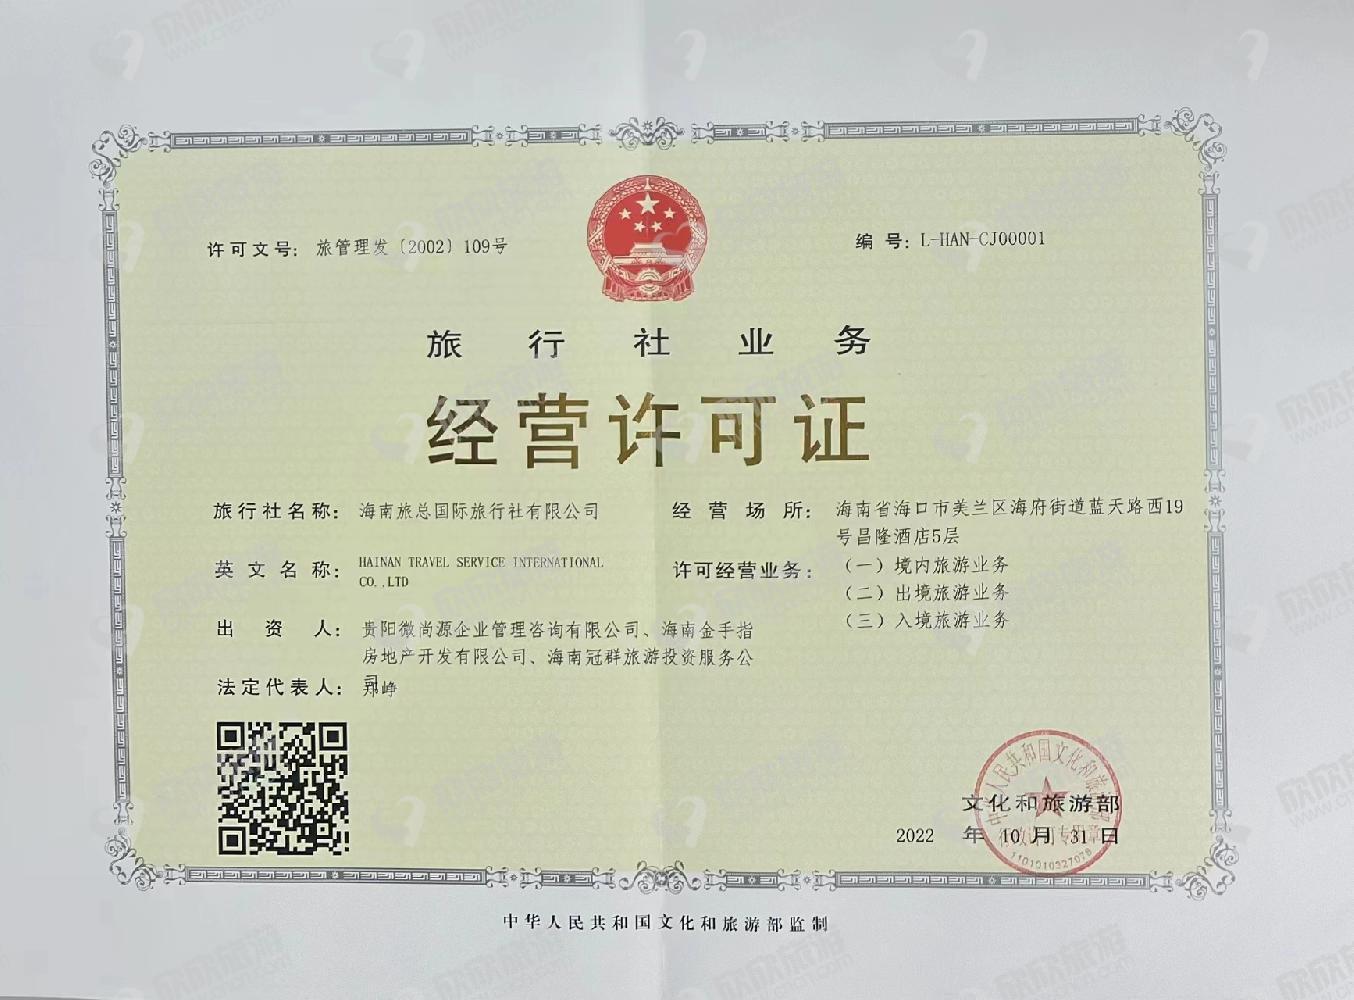 海南旅总国际旅行社有限公司经营许可证